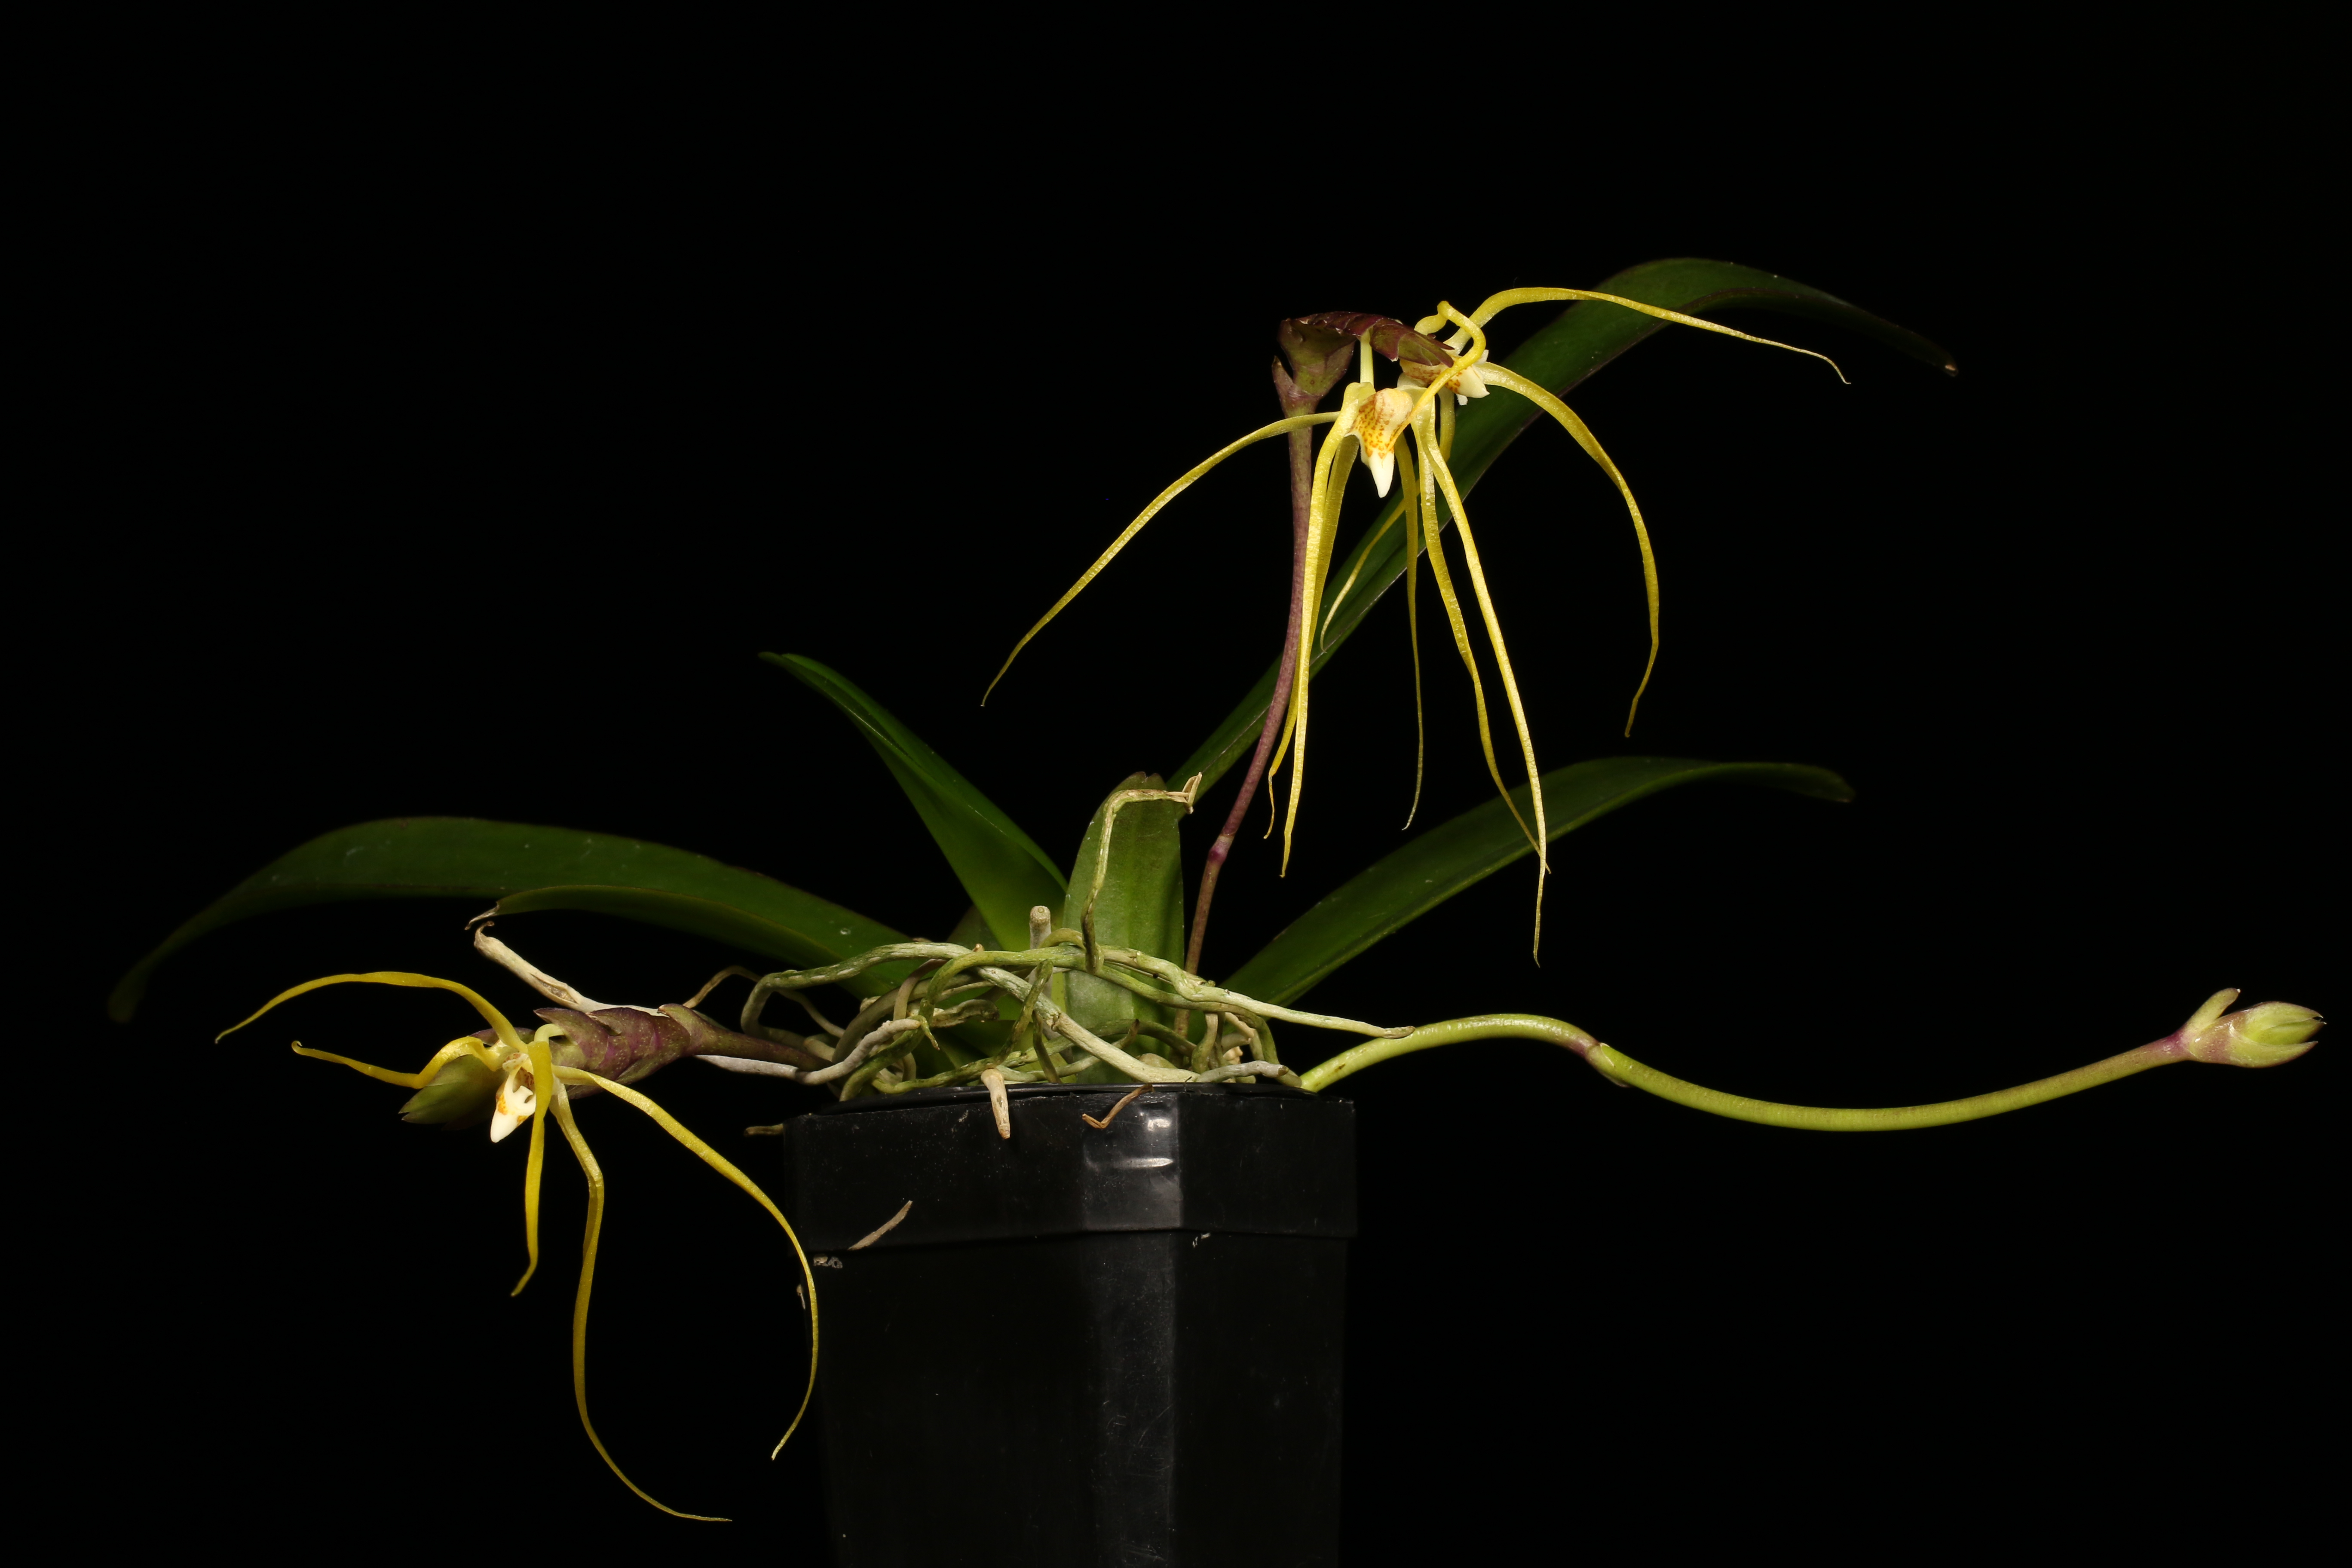 Thrixspermum centipedum